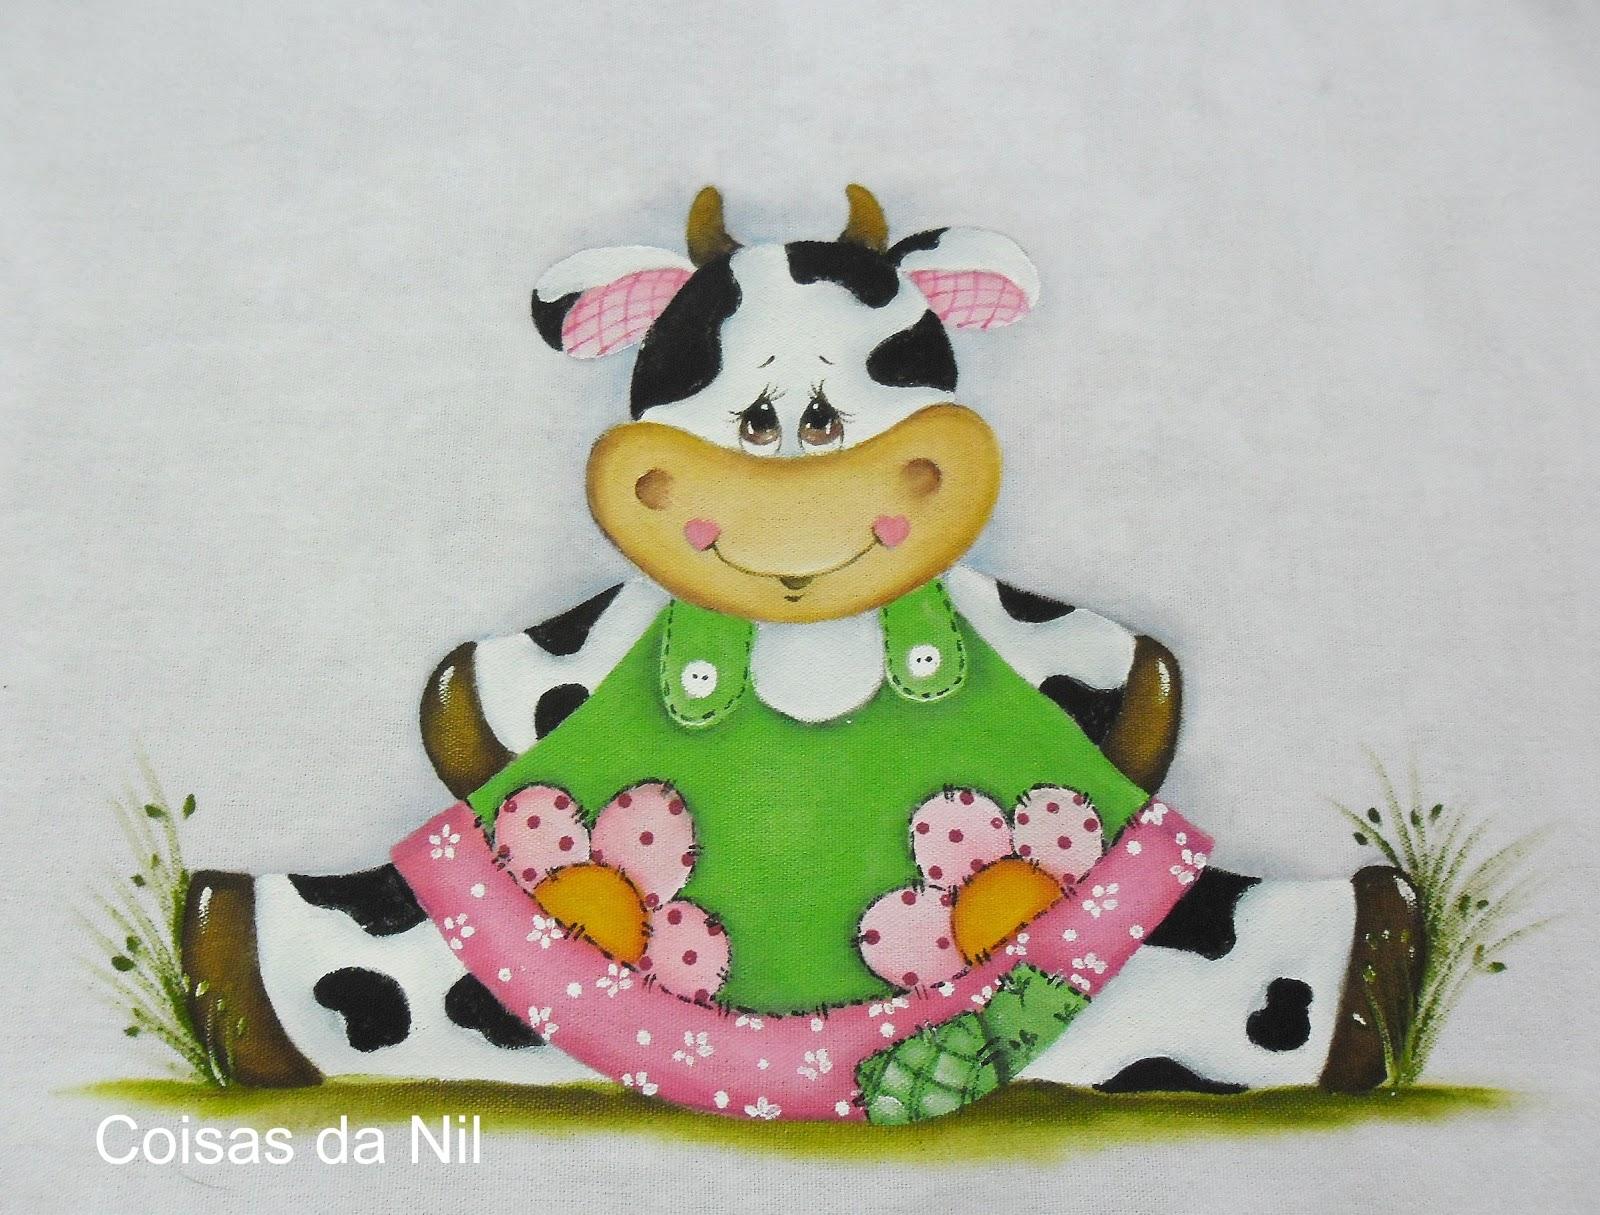 Artes da nil riscos e rabiscos a vaca - Pinturas para goma eva ...